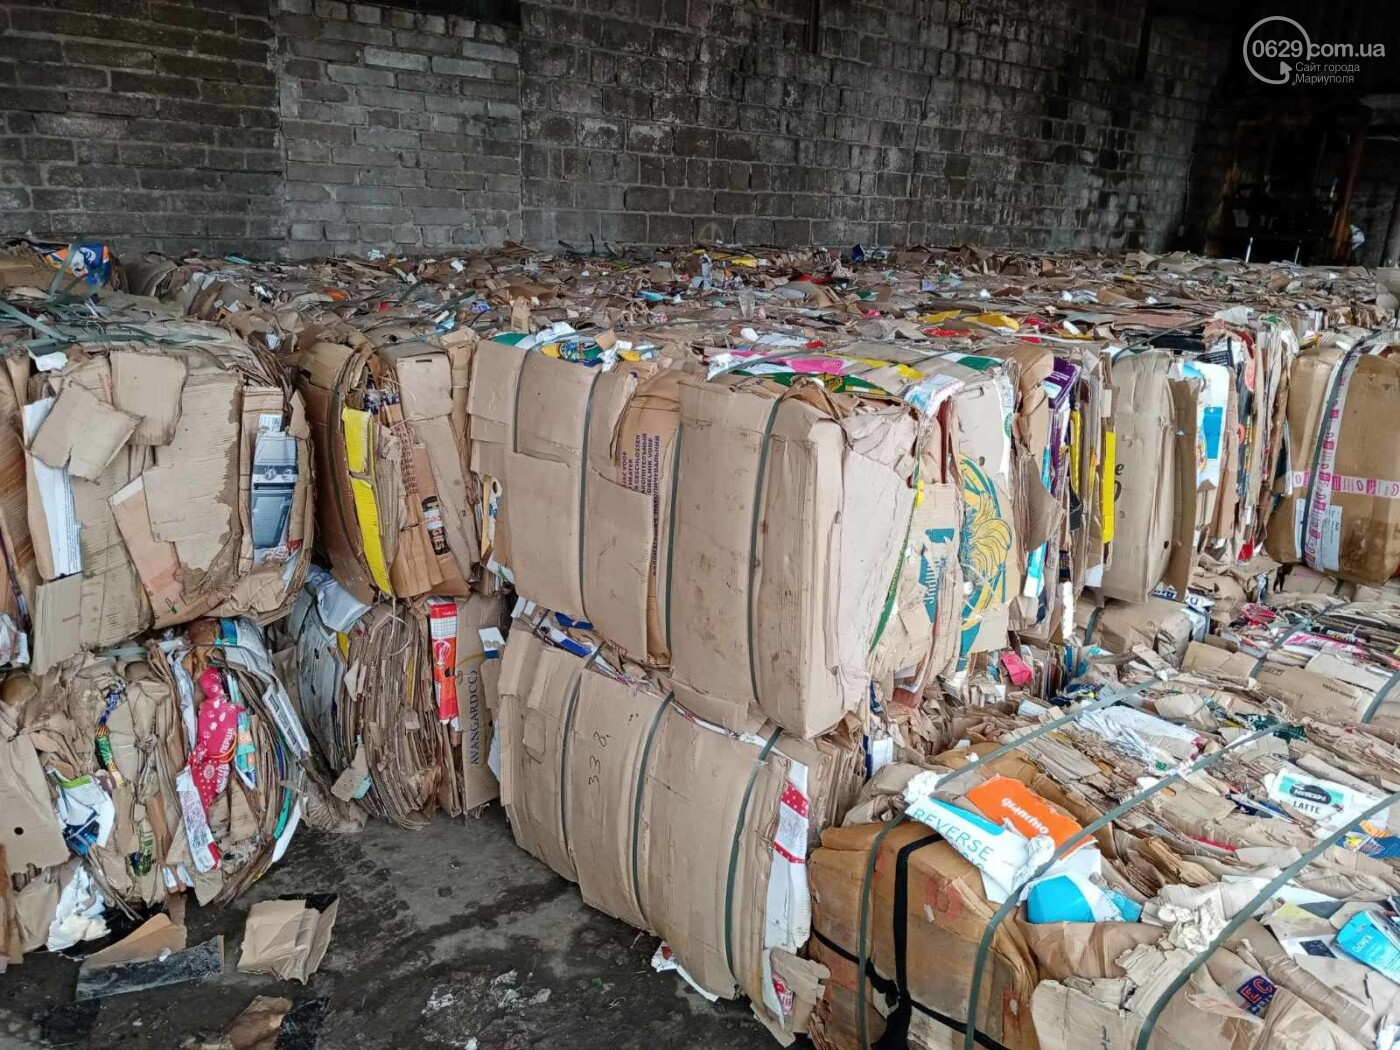 Мариуполь чистый город. Закупаем макулатуру, пластик, ПЭТ, стекло и другие отходы, фото-1